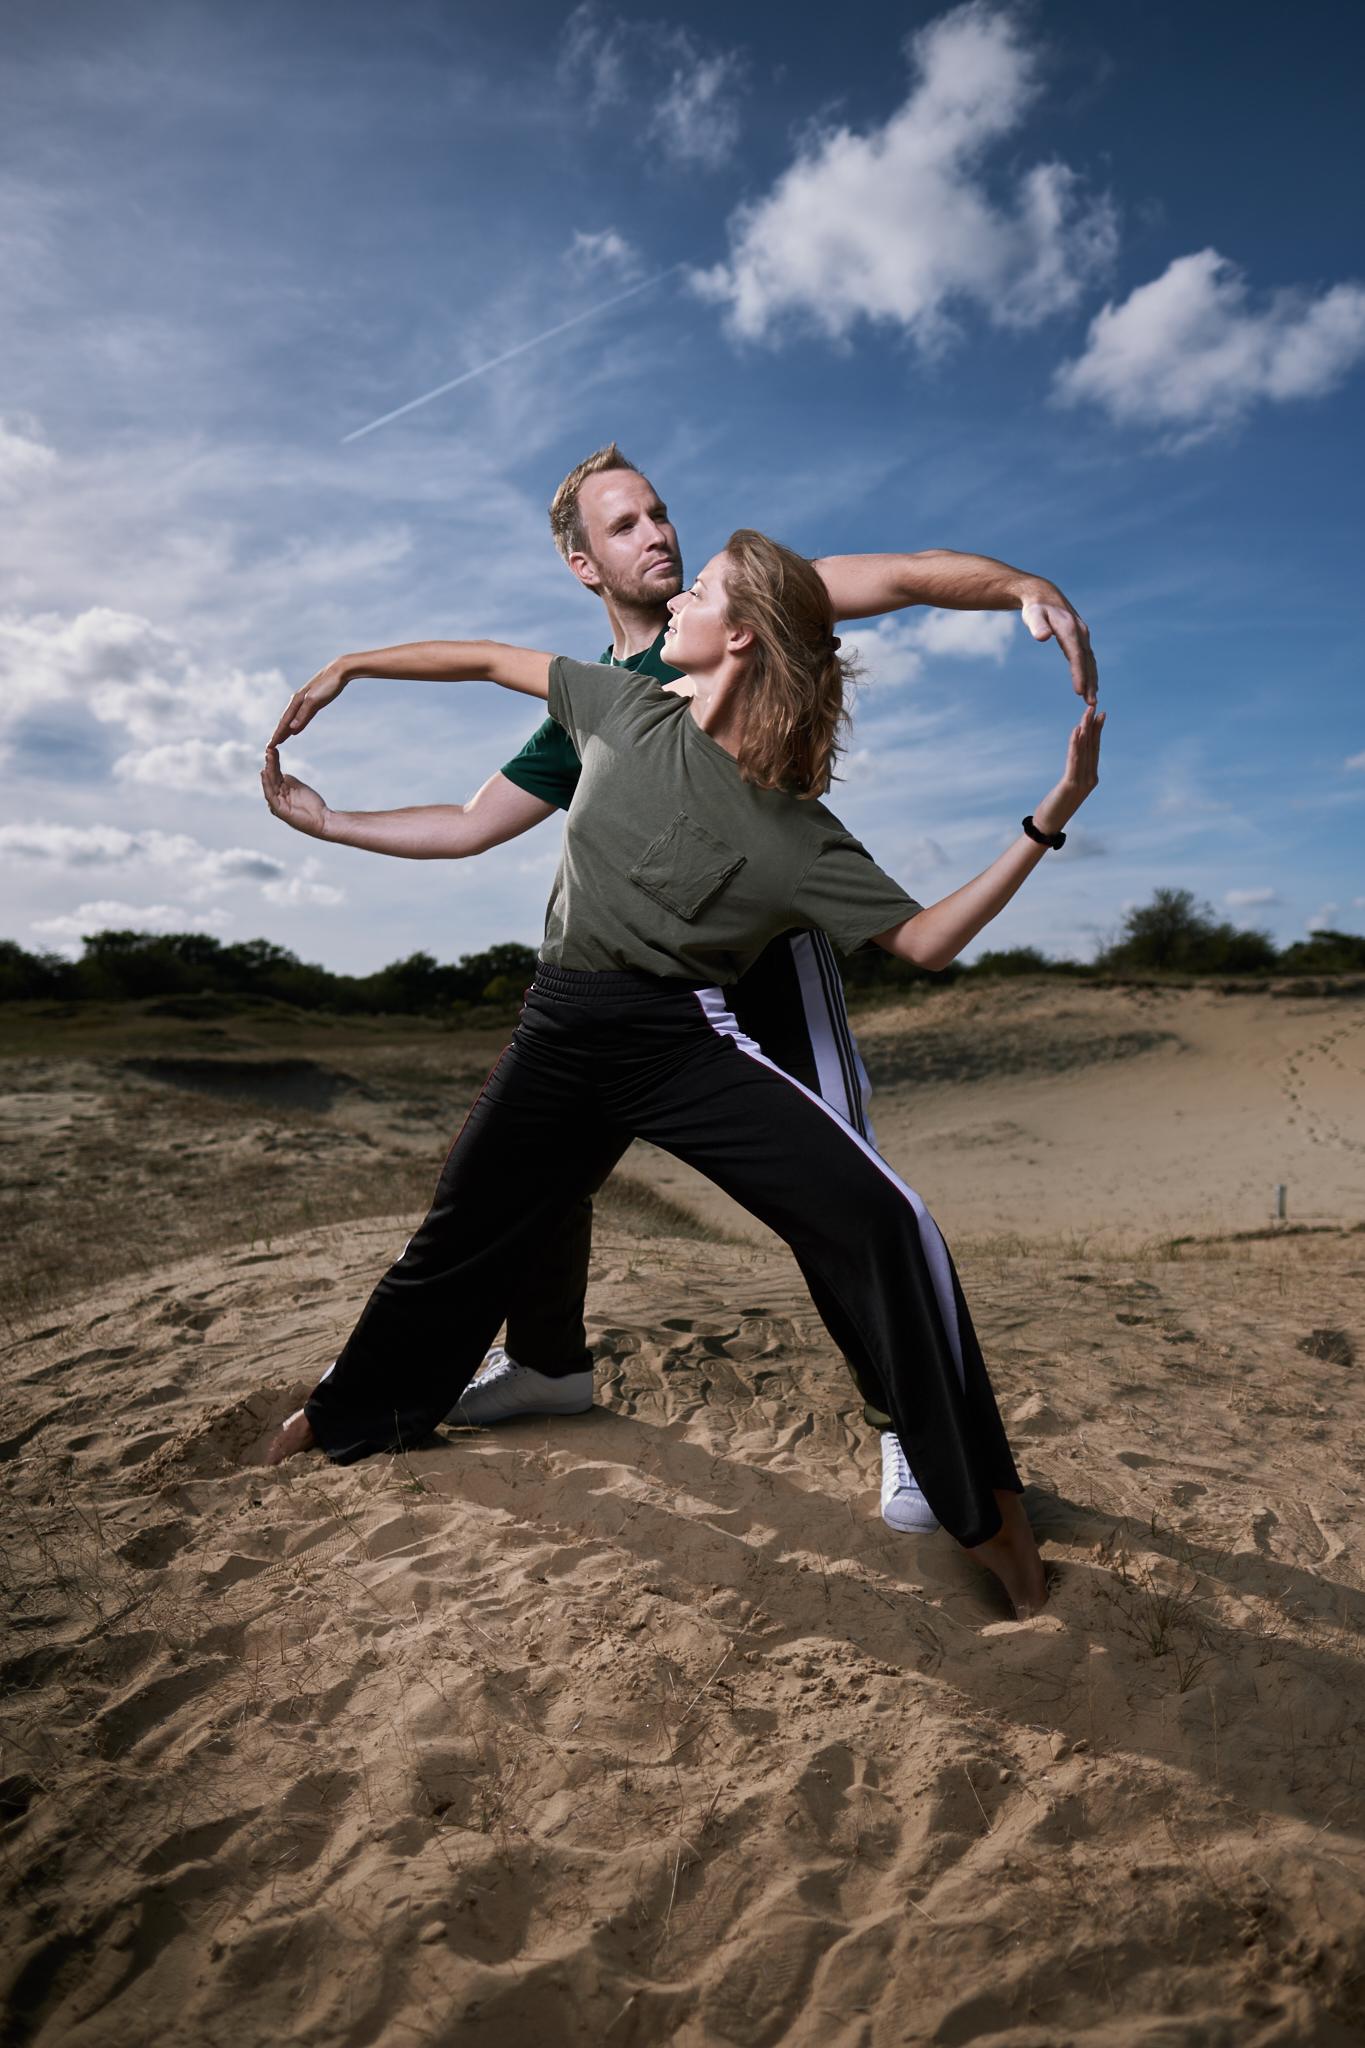 18-09-15_Workshop Dansfotografie Fotolumni_DSCF0241_Web.jpg